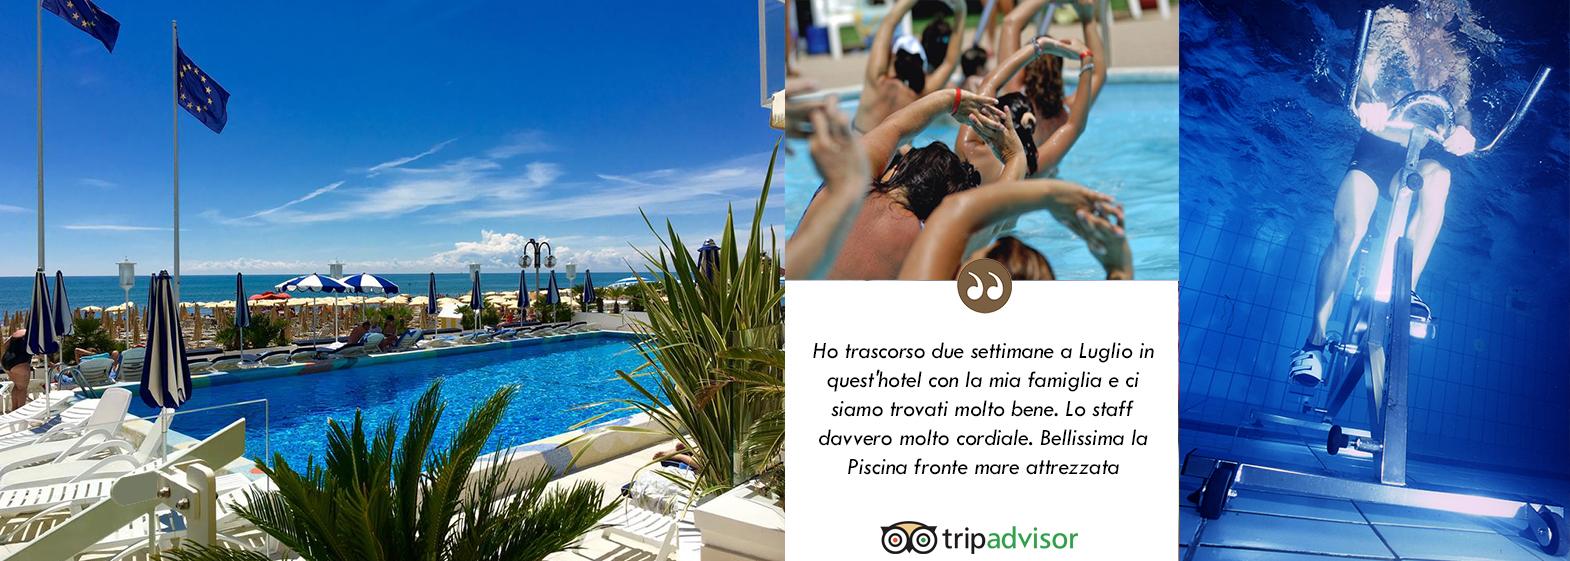 Hotel 4 stelle jesolo anthony fronte mare con piscina - Hotel jesolo con piscina fronte mare ...